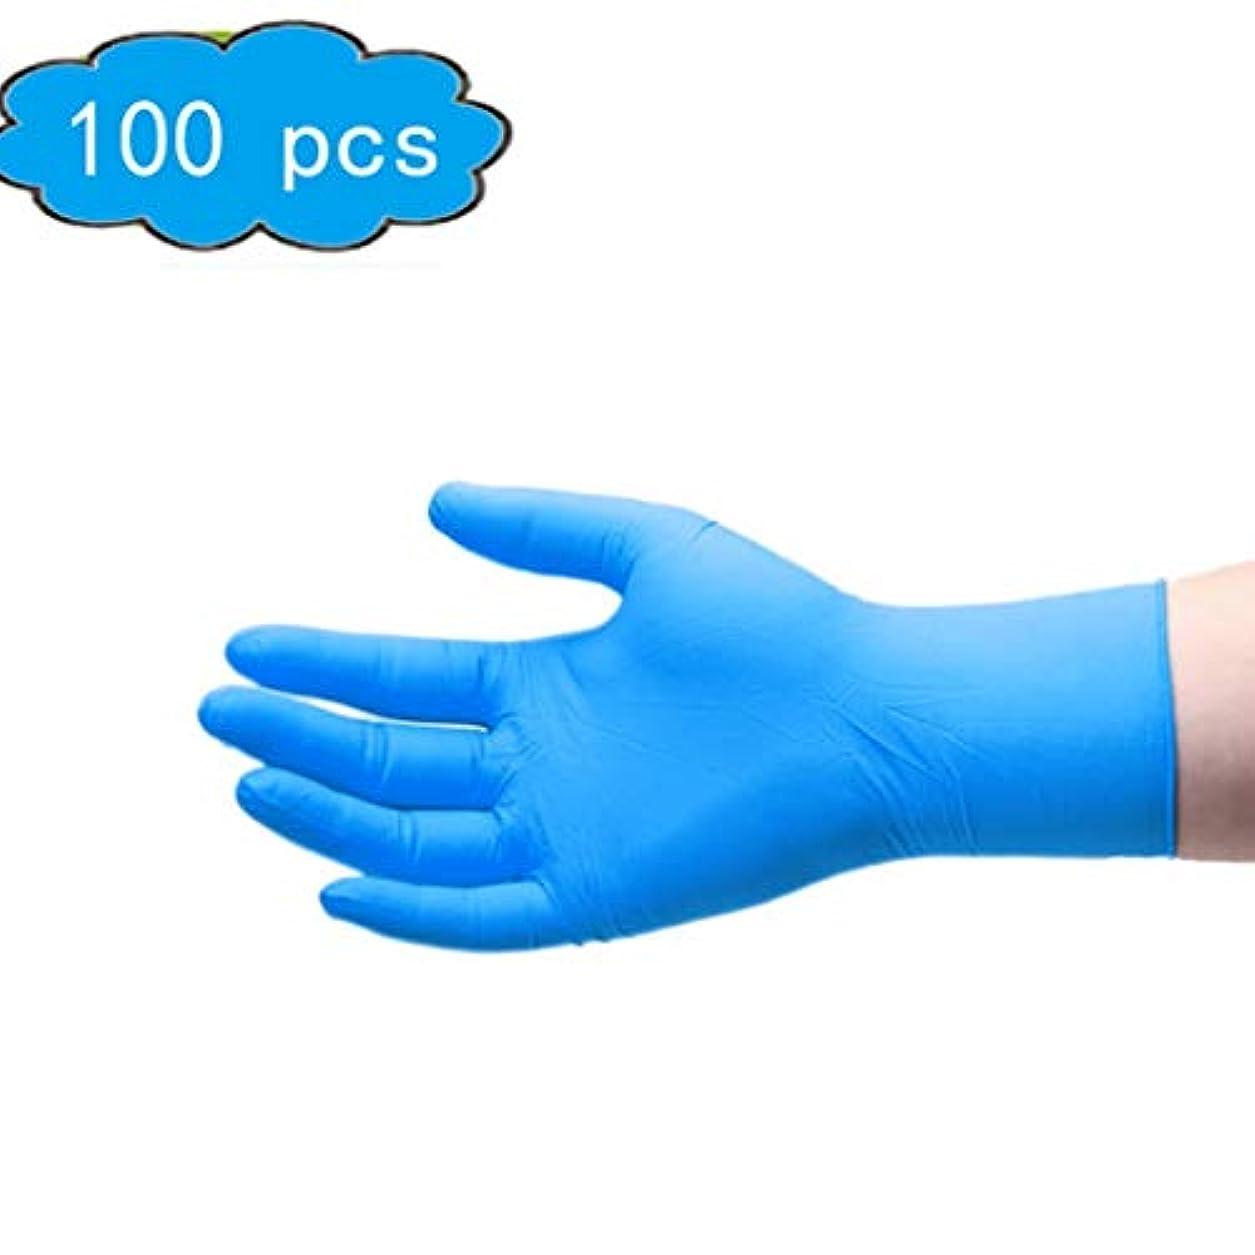 接ぎ木満員アナログ使い捨てニトリル試験手袋、5 Mil、医療グレード、ラテックスフリー、パウダーフリー、食品安全(100個入り)、ラボ、安全&作業用手袋、家庭用品 (Color : Blue, Size : XS)